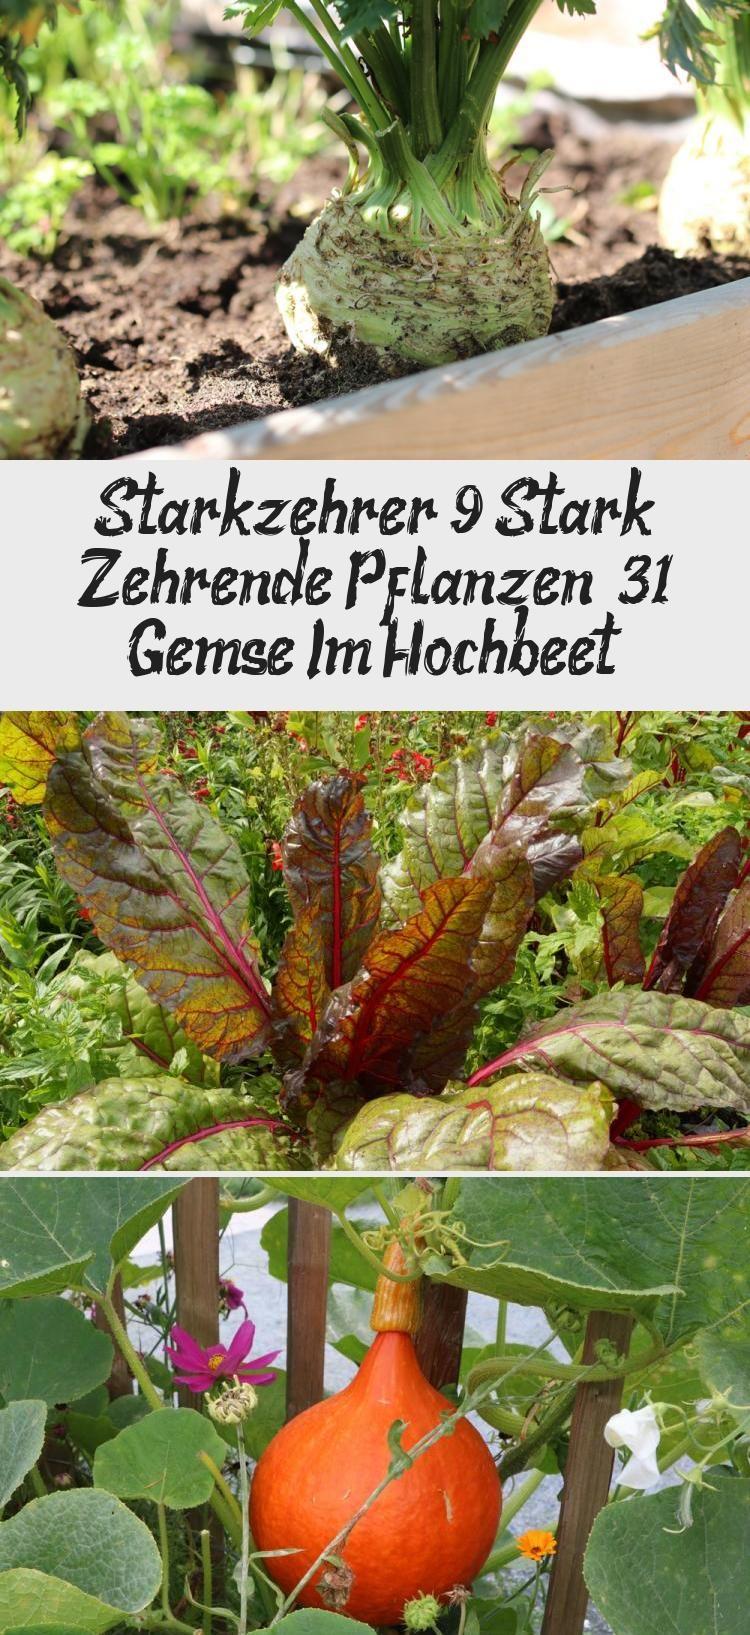 Fruchtfolge Planen Im Gemusegarten Starkzehrer Mittelzehrer Schwachzehrer Wurzelwerk Fruchtfolge Starkzehrer Gemuse Pflanzen